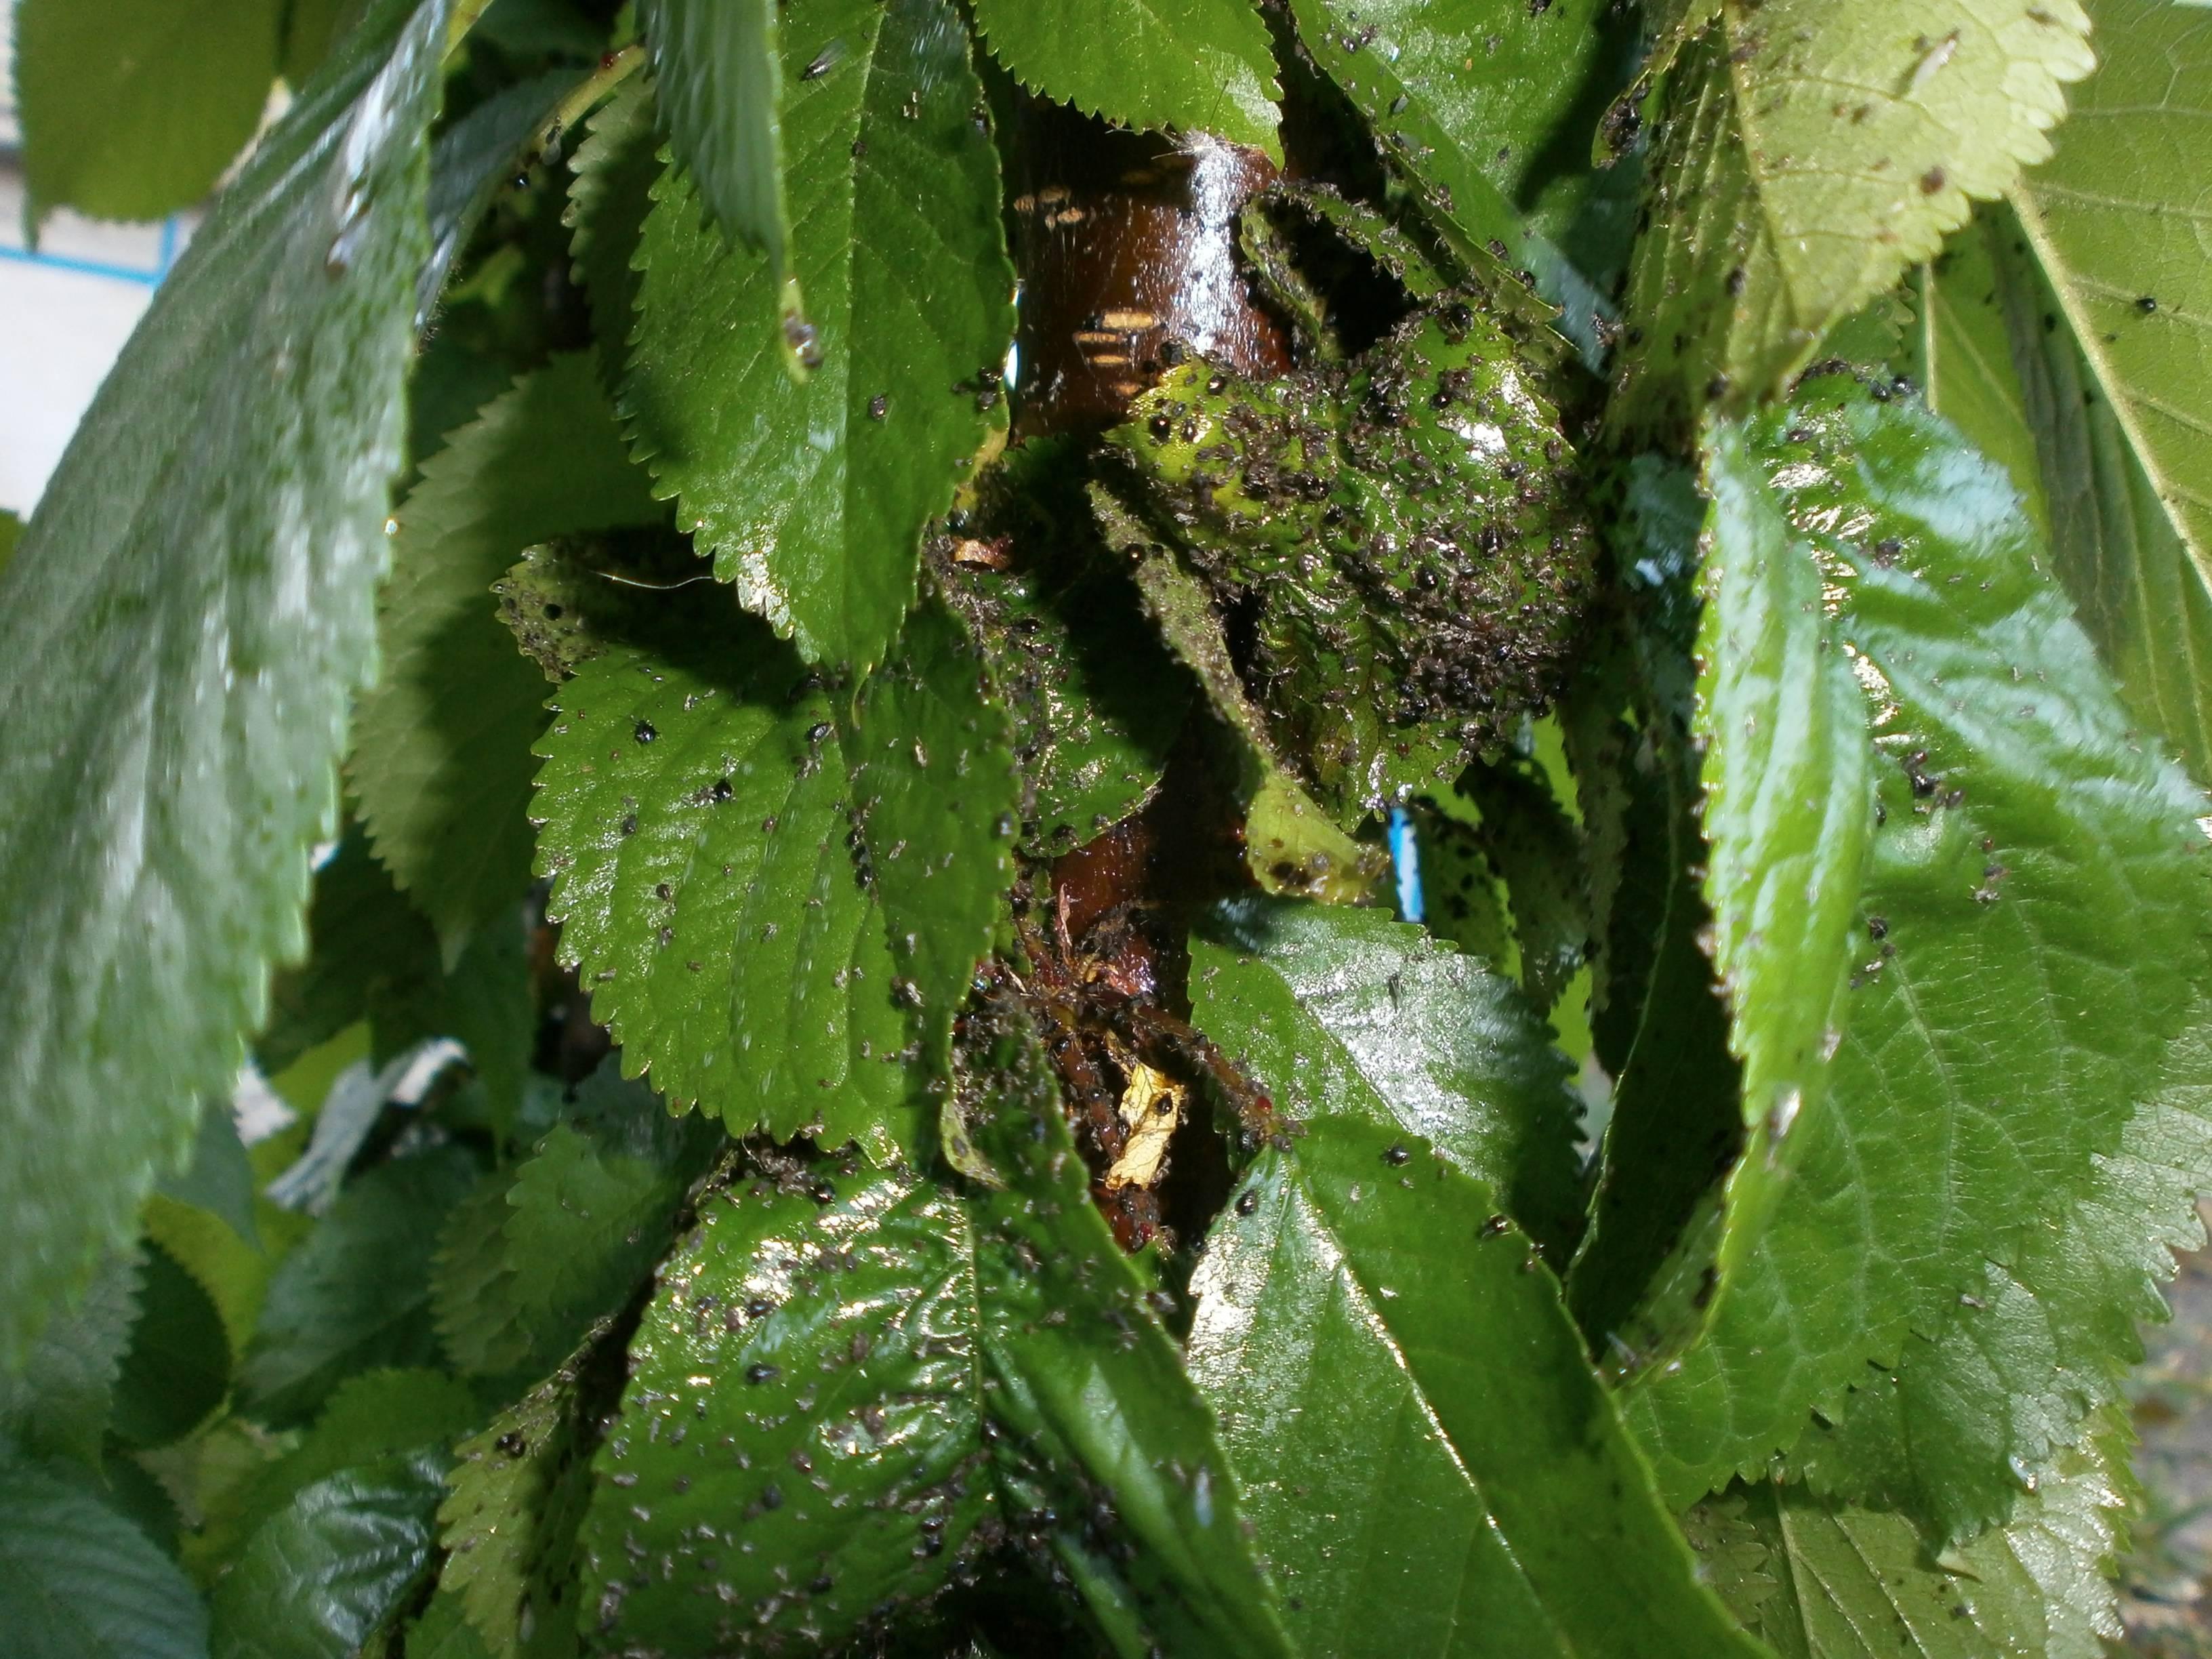 Как избавиться от вредителей на черешне: боремся с тлей и гнилями черешни. как и чем обработать черешню? - секреты садоводов